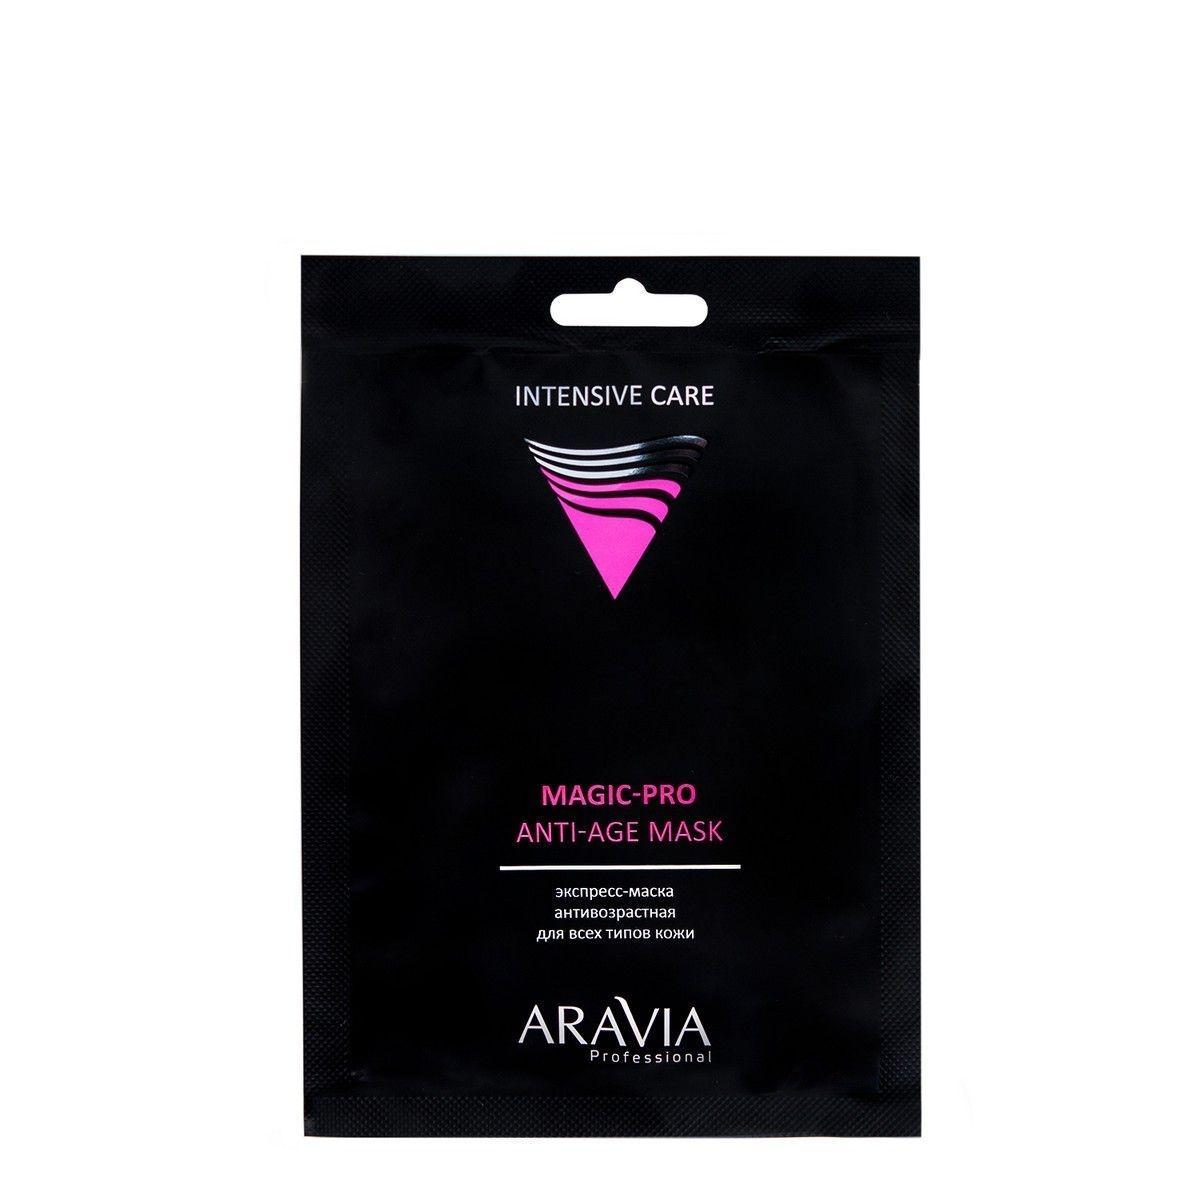 ARAVIA Экспресс-Маска Magic Pro Anti-Age Mask Антивозрастная для всех Типов Кожи, 1 шт белита экспресс маска гель для лица для всех типов кожи активное насыщение влагой 100 мл